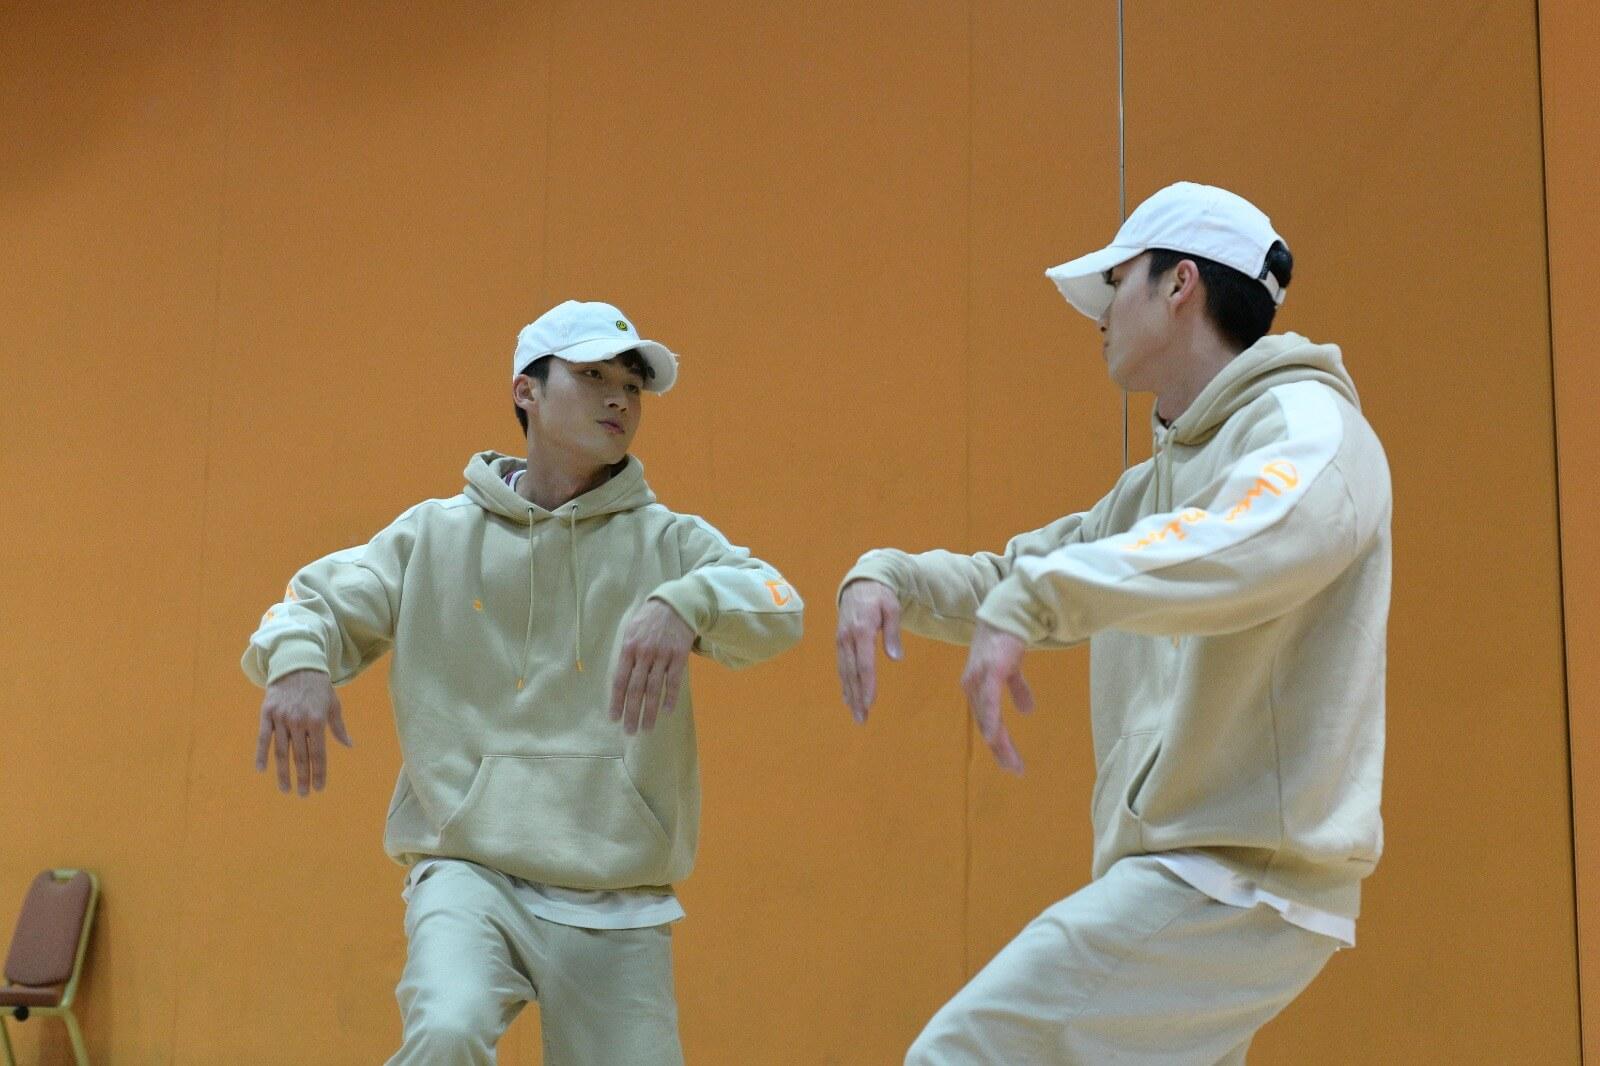 跳舞的每一個動作,都運用到身上各部位的肌肉。